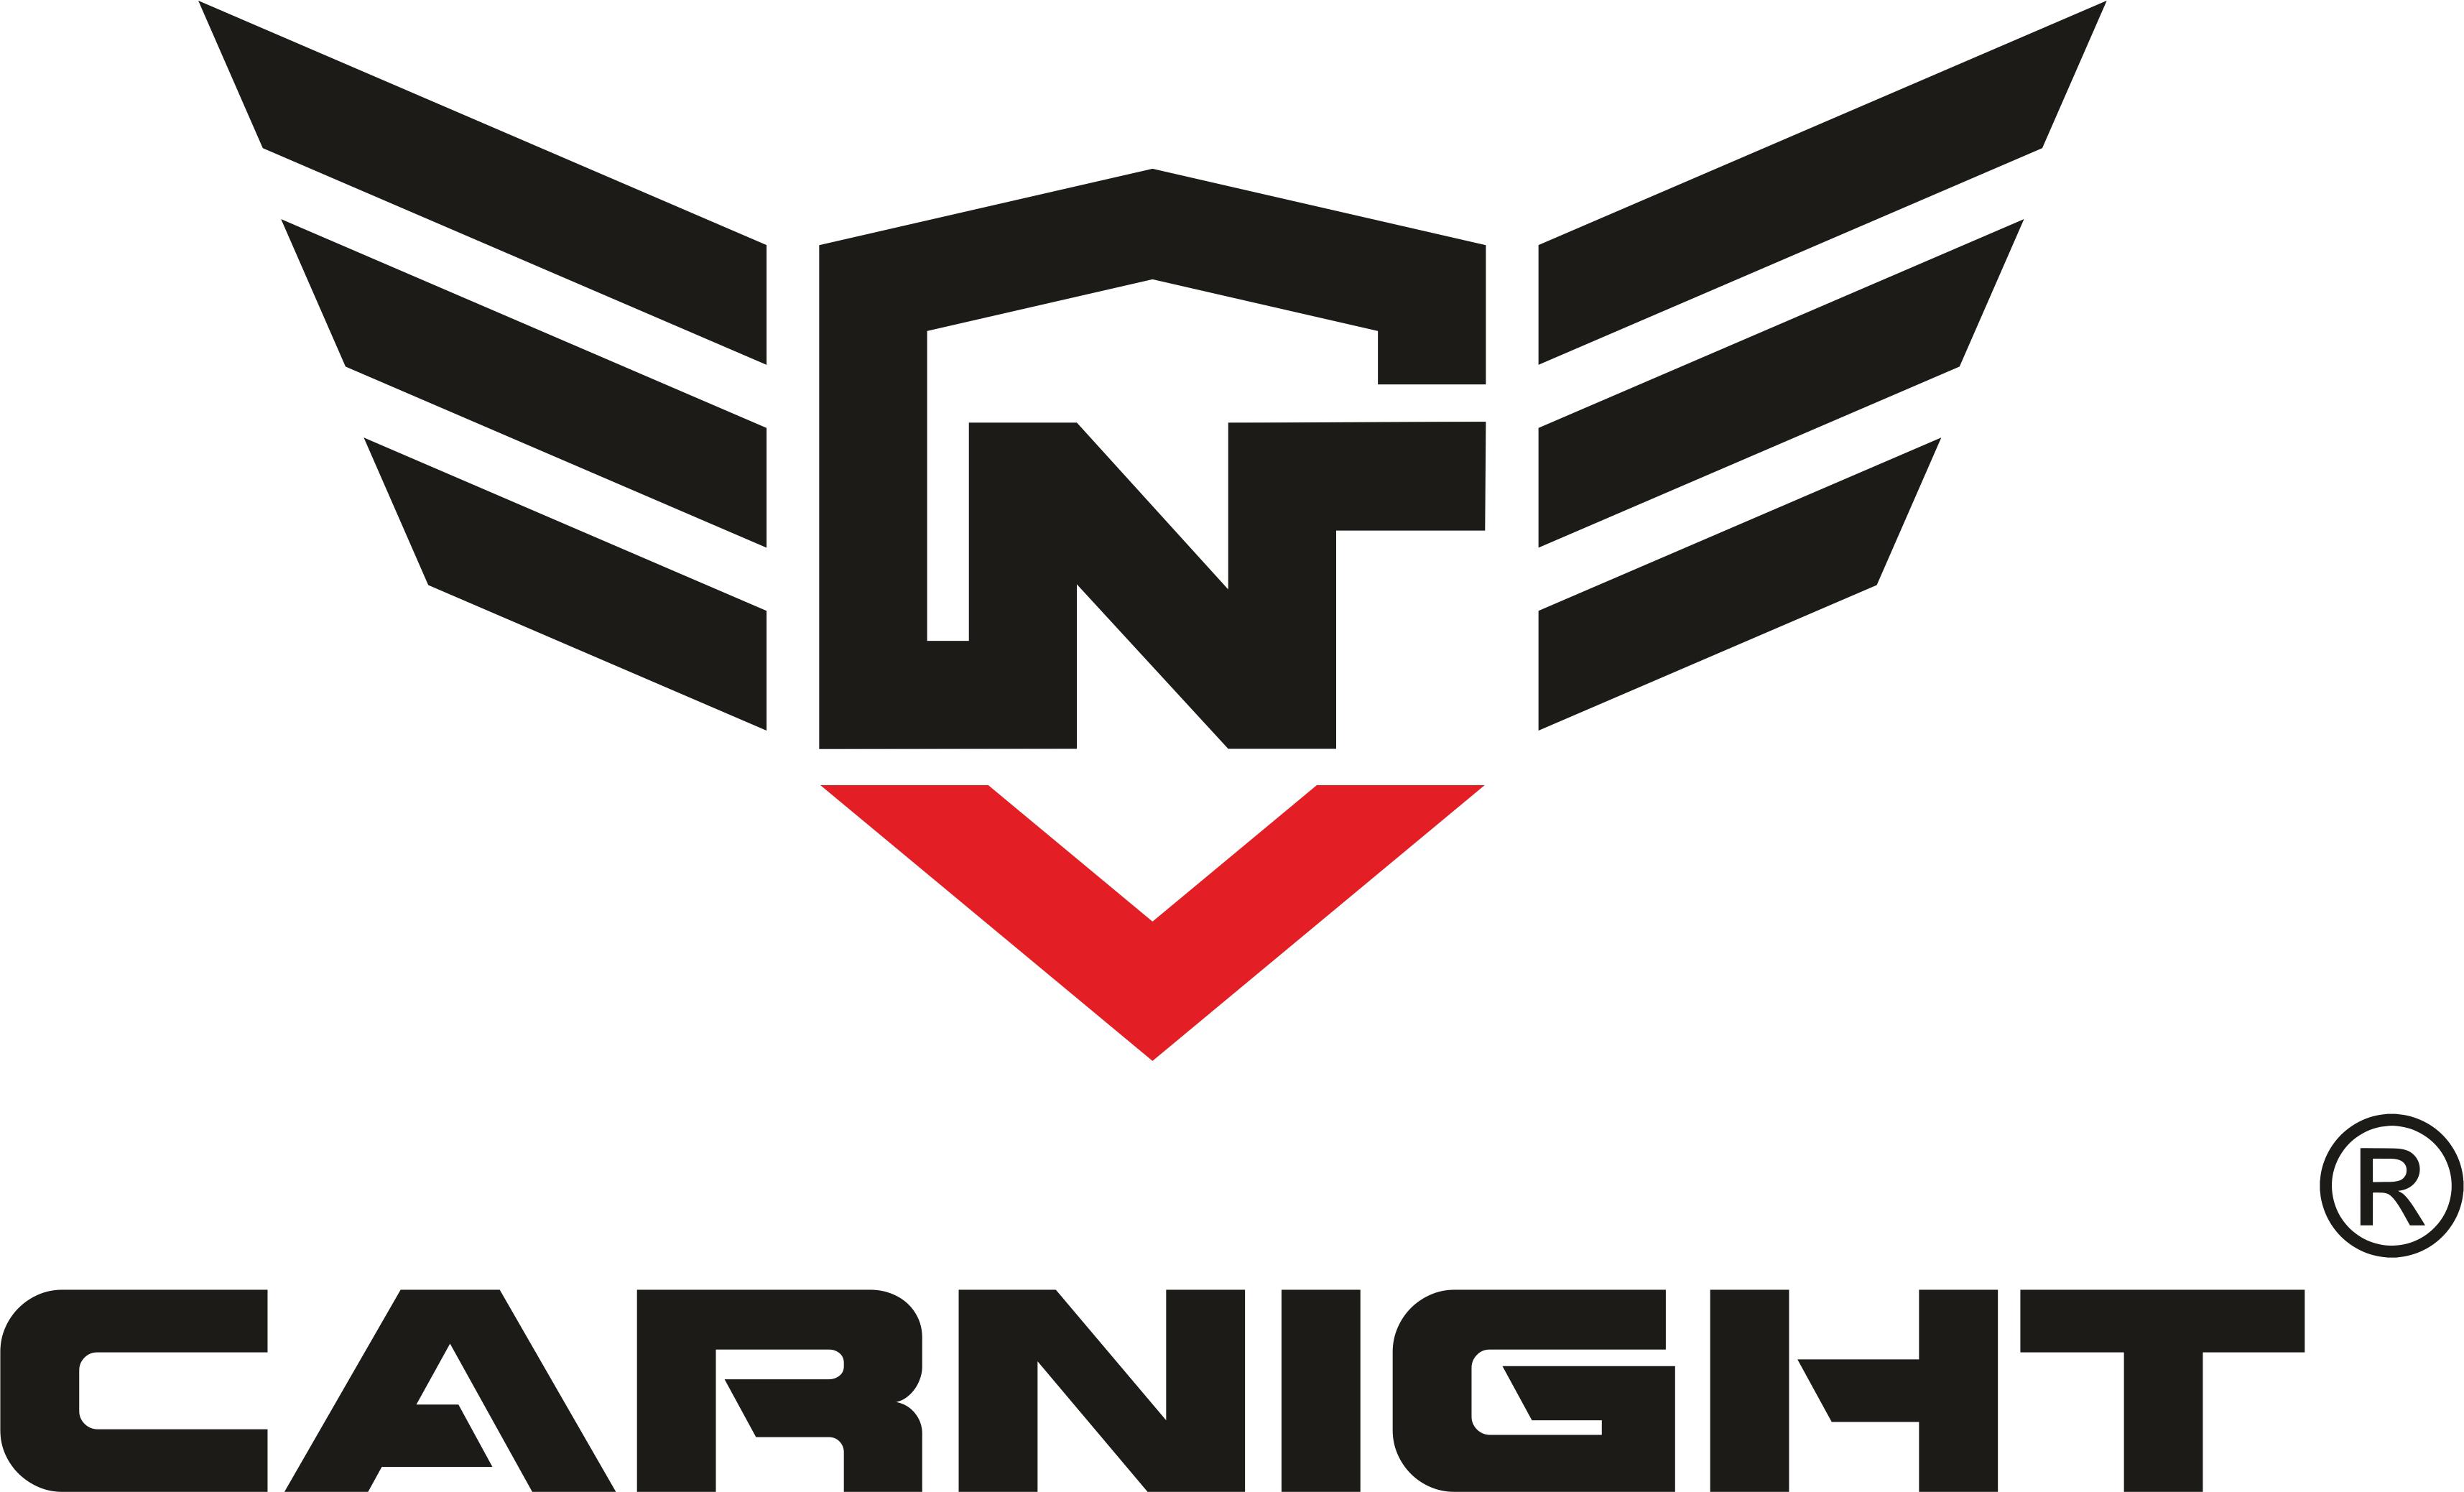 Carnight — Профессиональная автохимия  оптом от производителя в Пензе